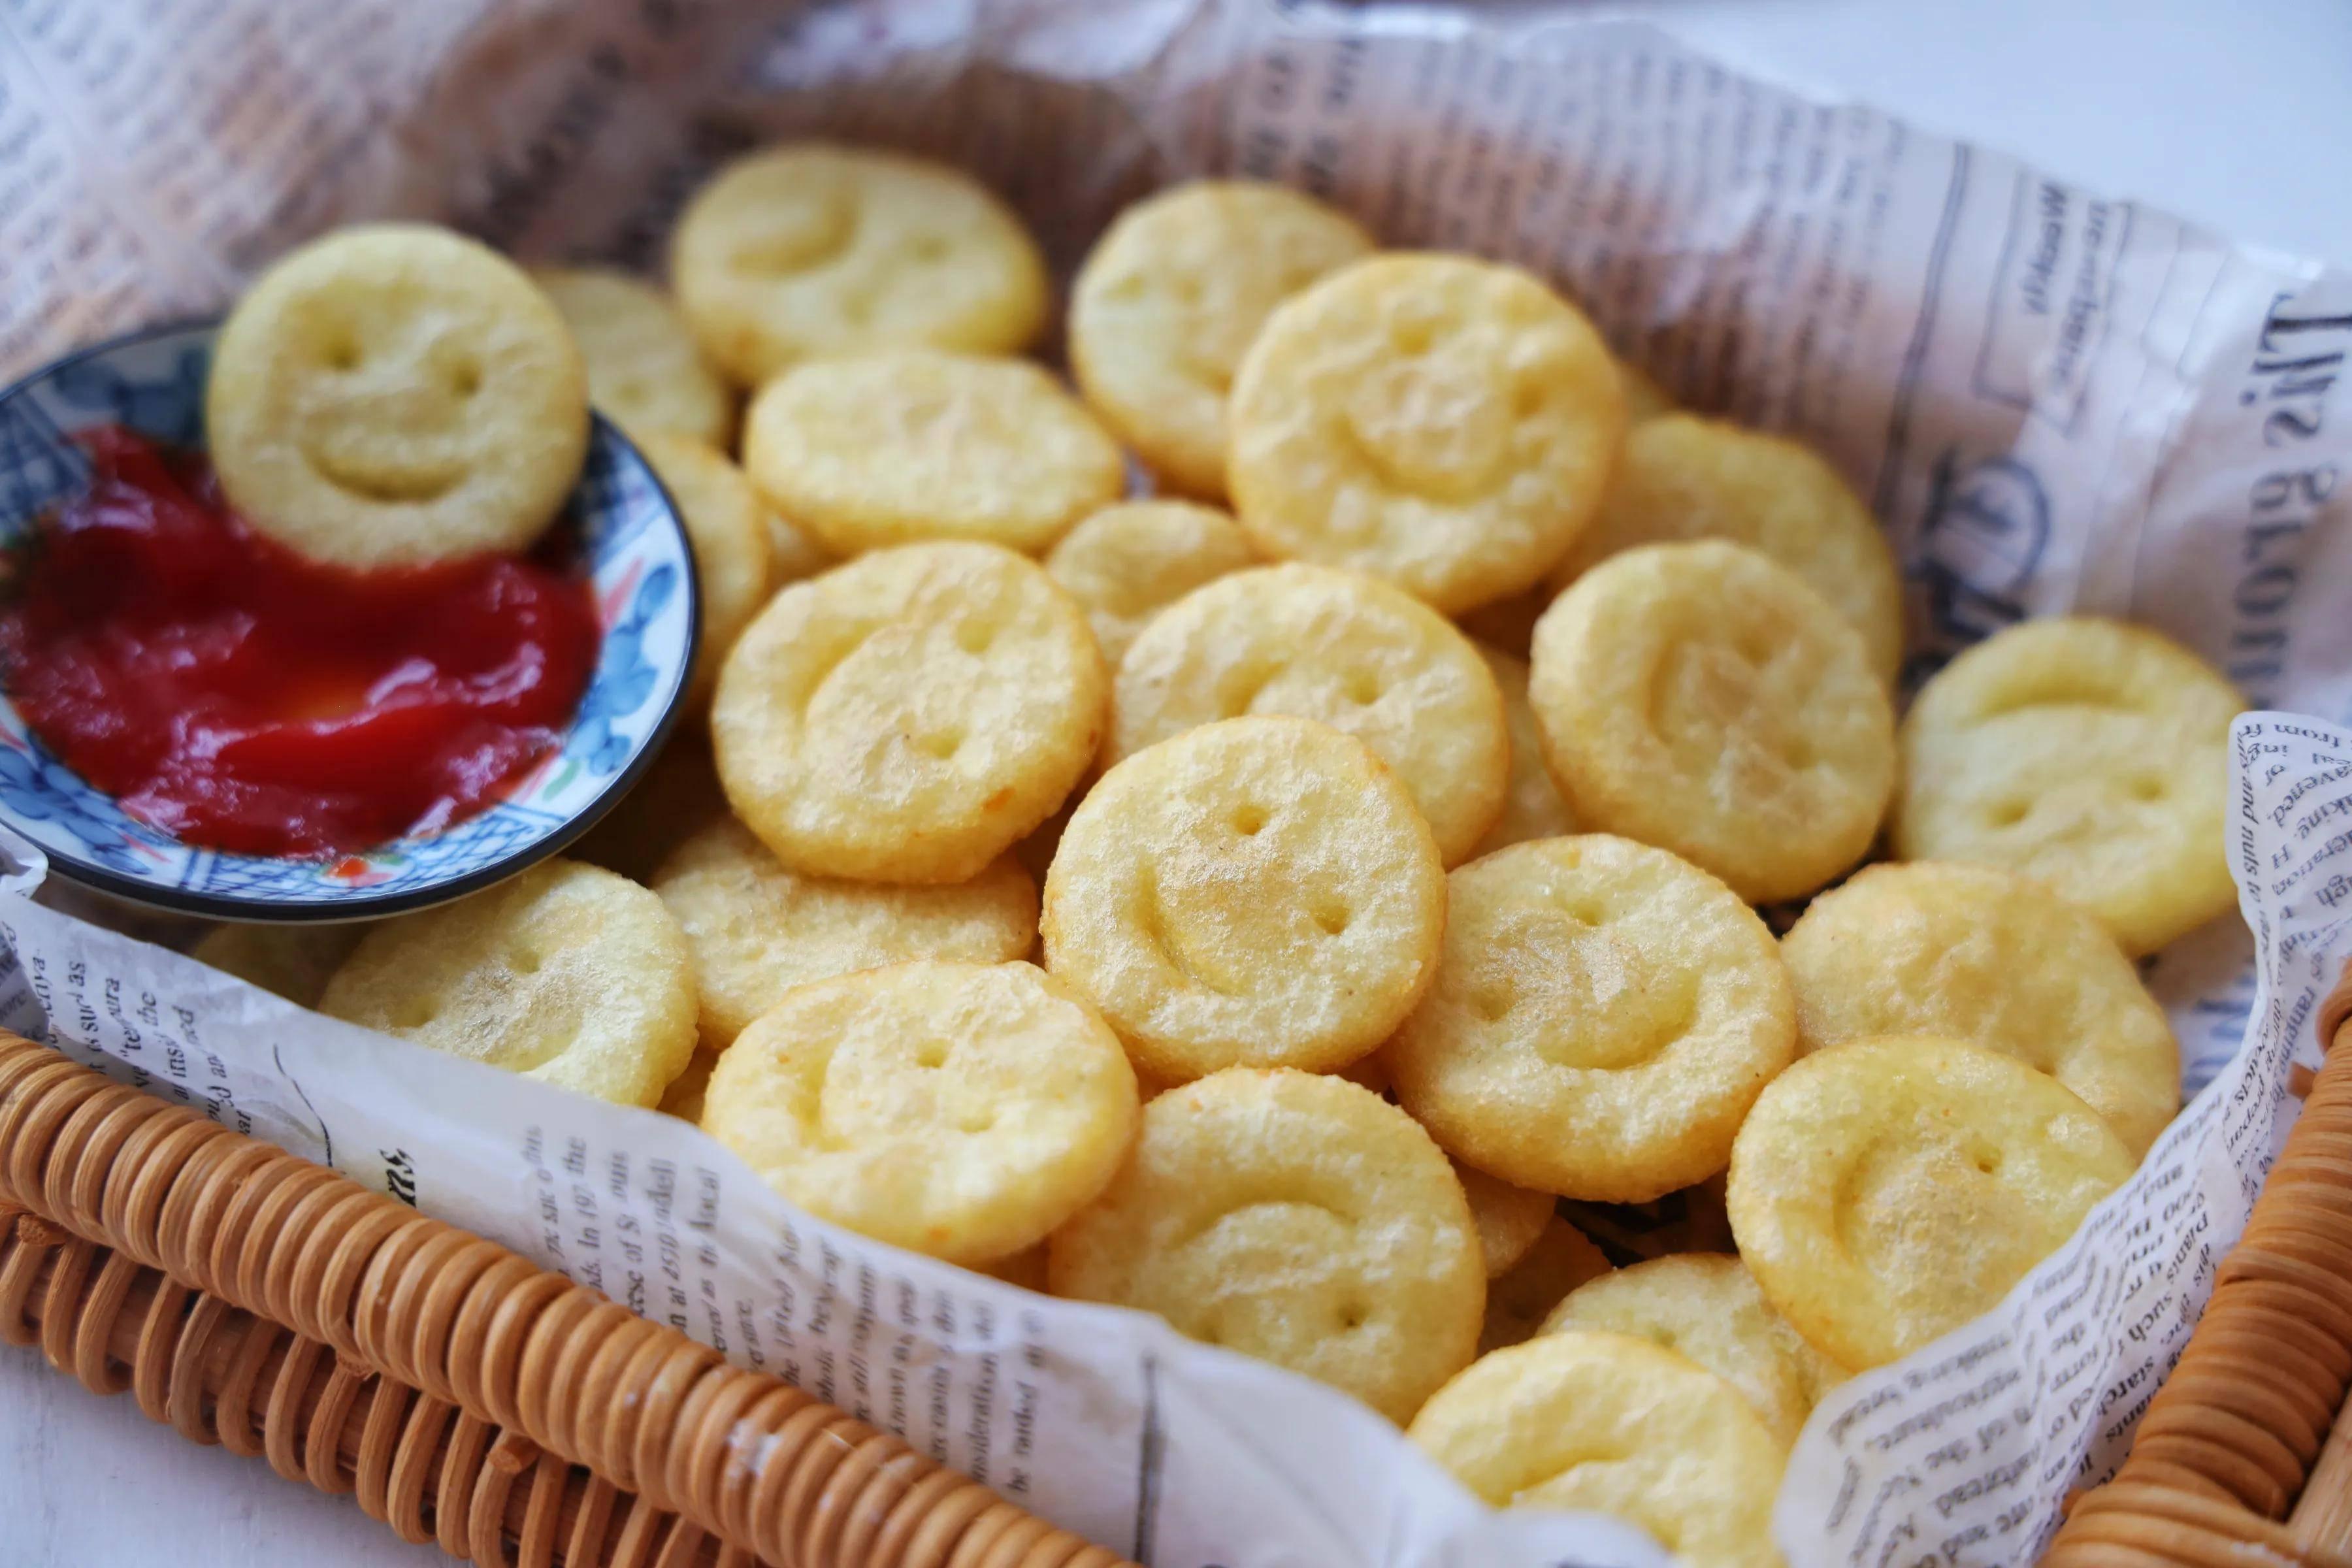 饭店的笑脸土豆,原来是这样做的,特简单,一口一个真好吃!